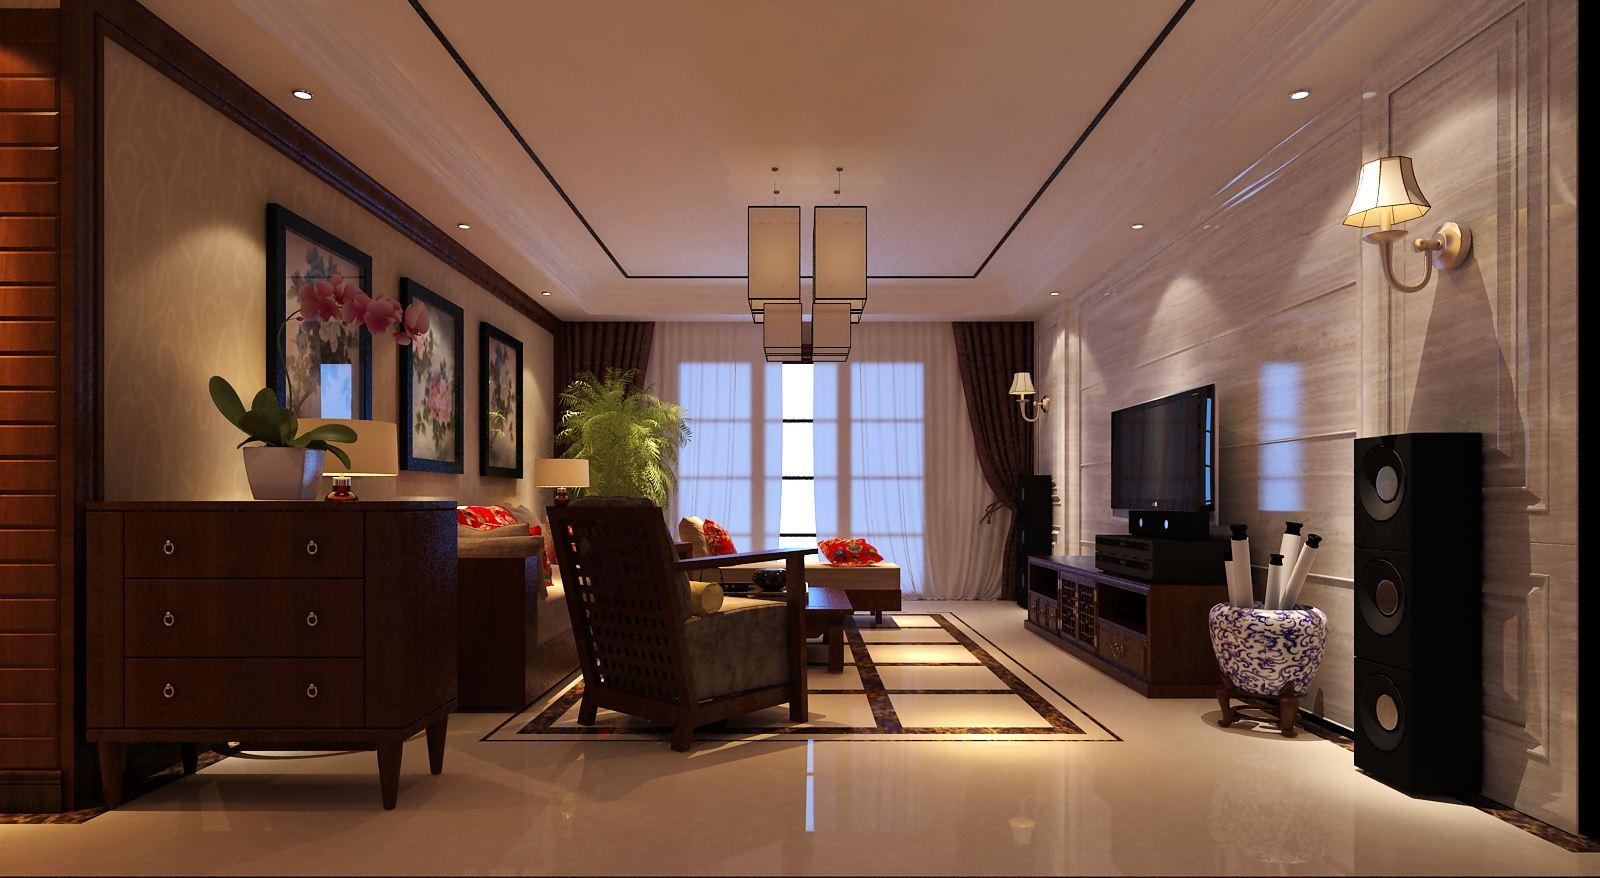 目前室内设计在国内的现状如何?发展趋势好吗?